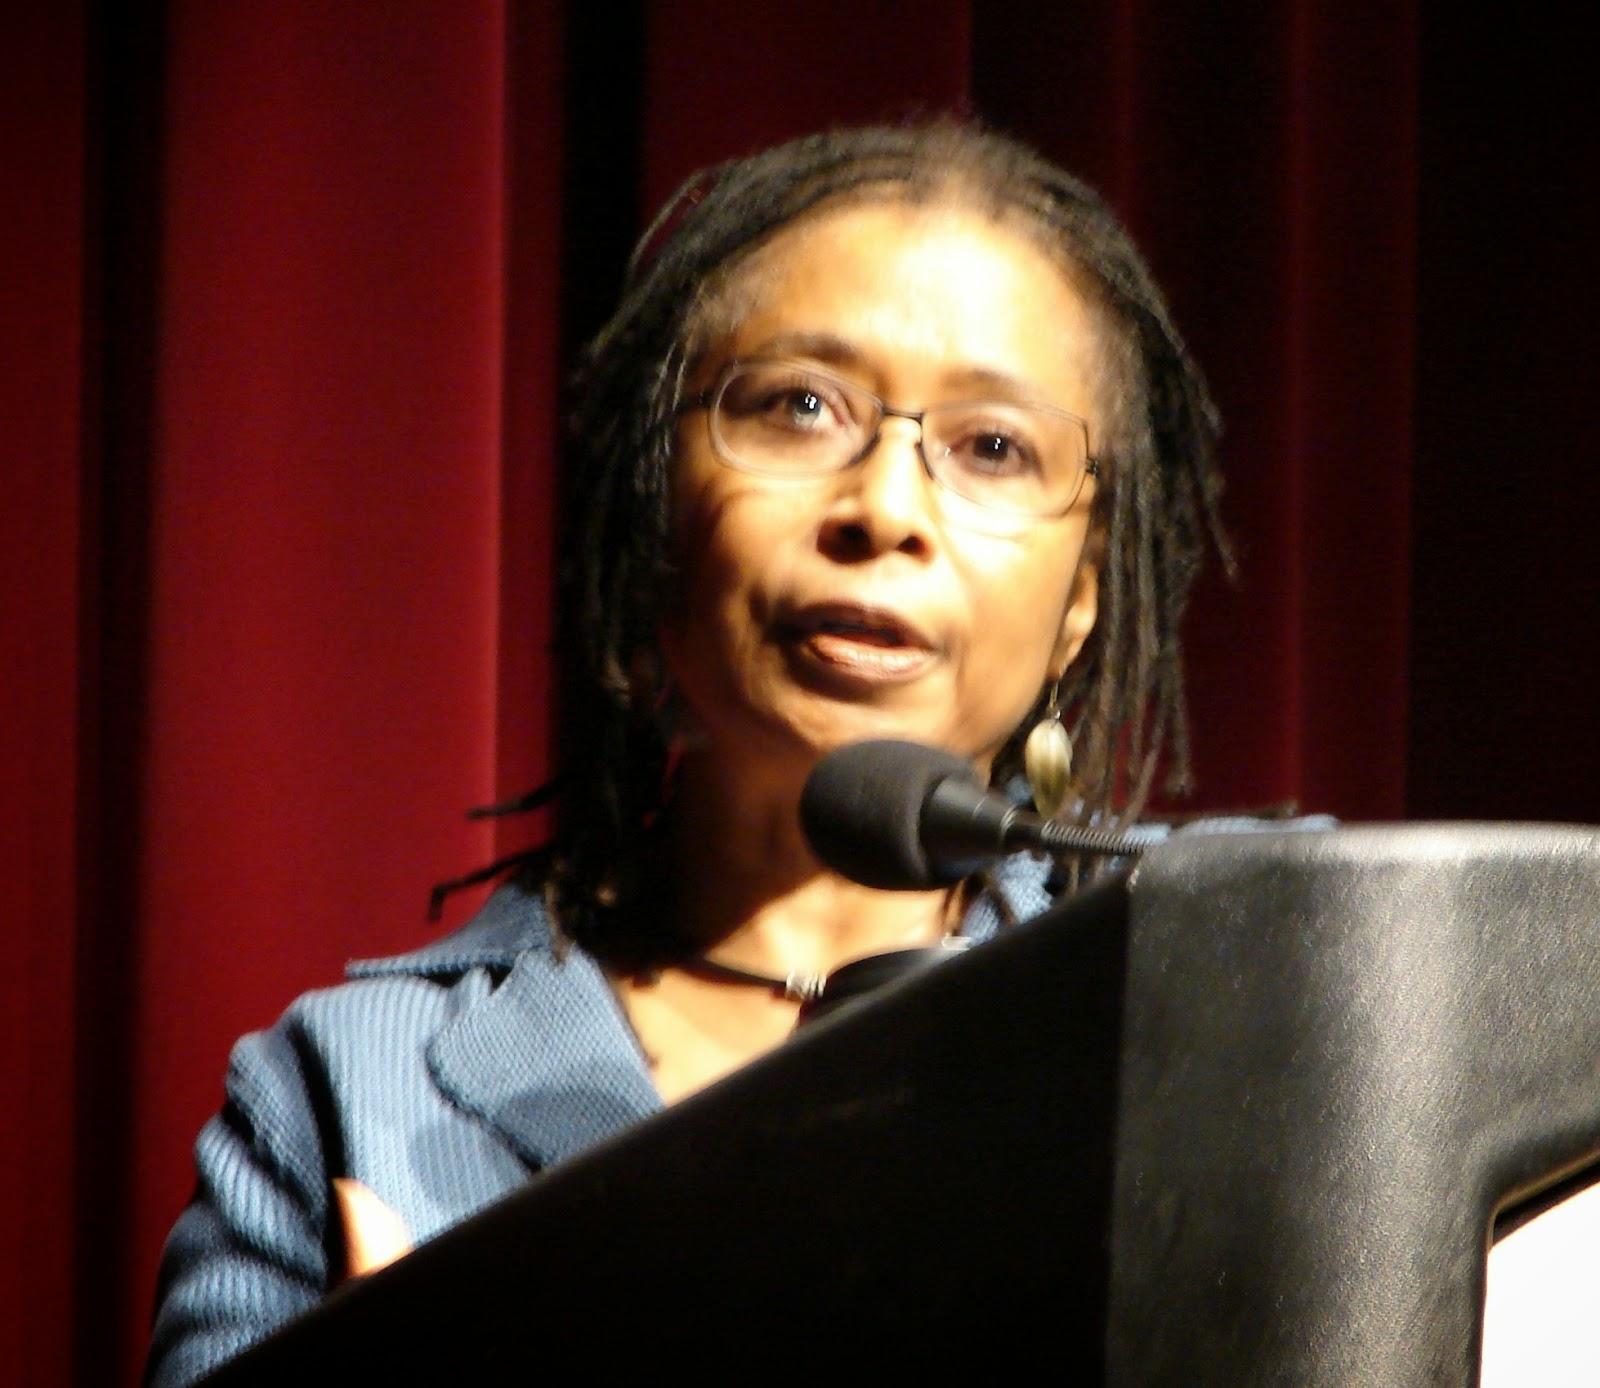 Photo of Alice Walker.  Image source: http://upload.wikimedia.org/wikipedia/commons/5/59/Alice_Walker.jpg